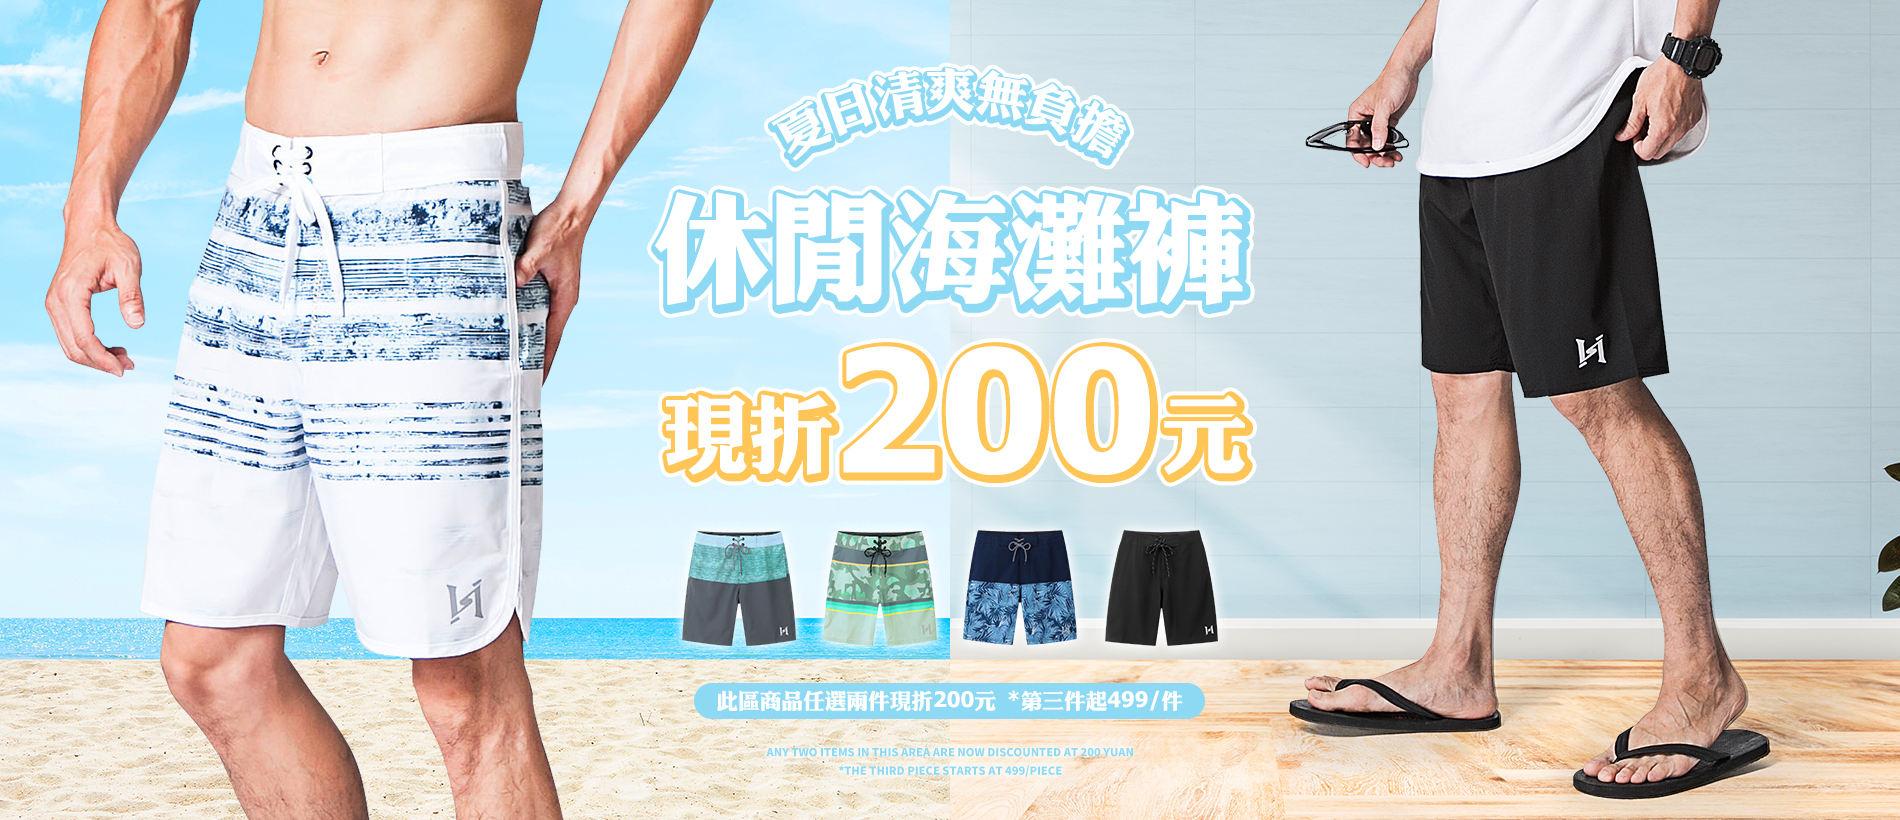 海灘褲現折200元